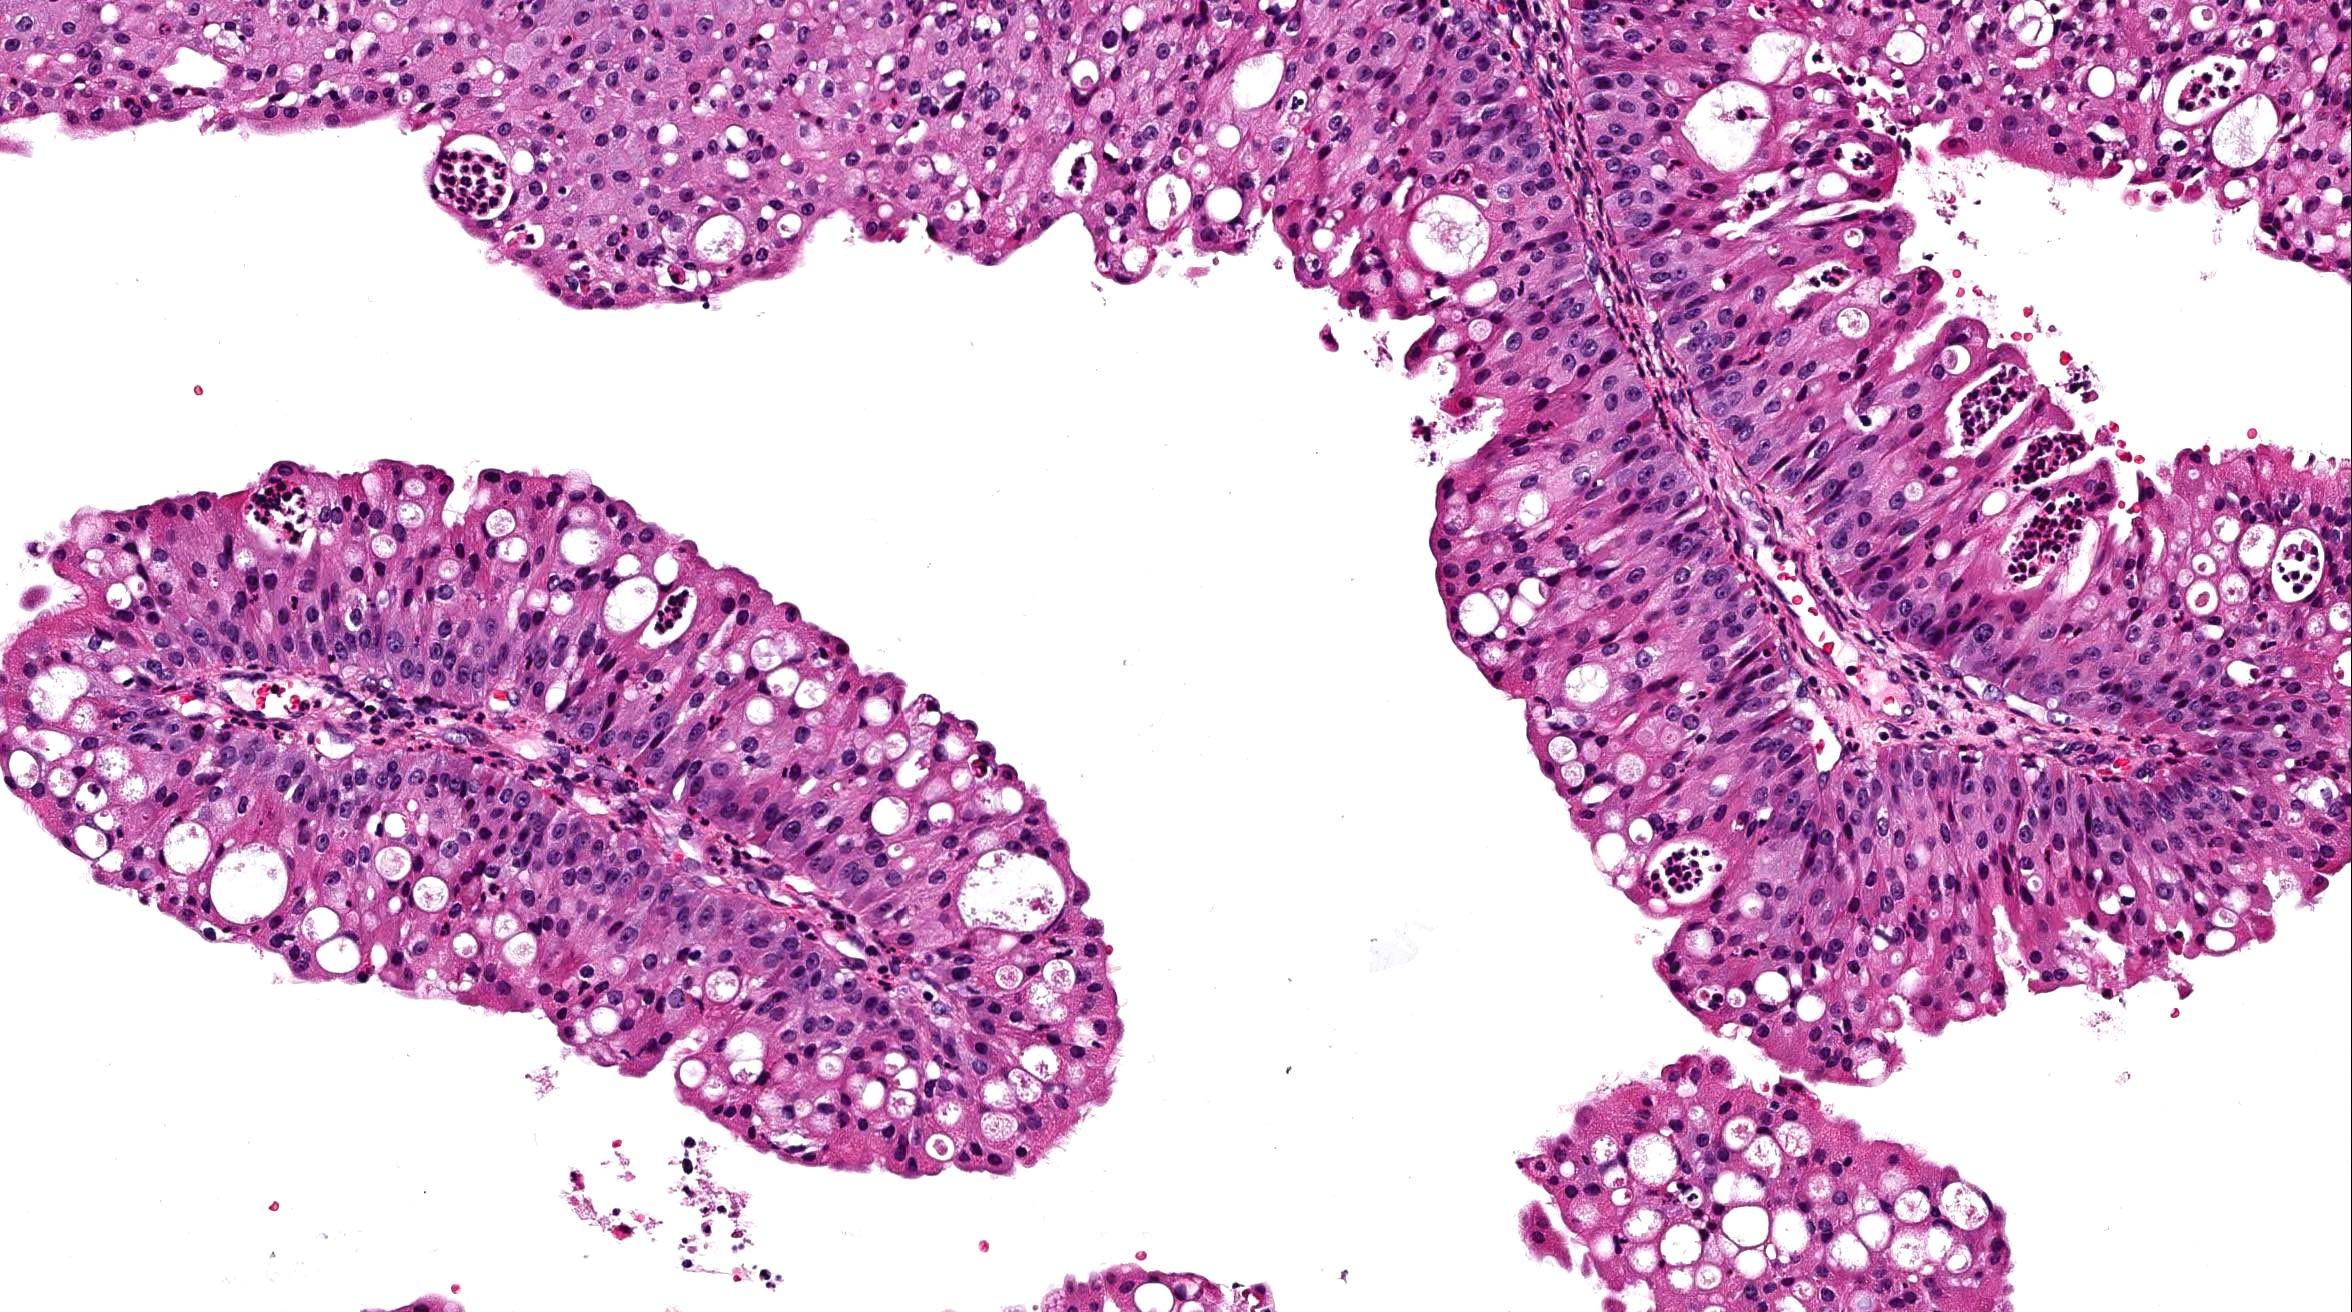 nasal papilloma icd 10